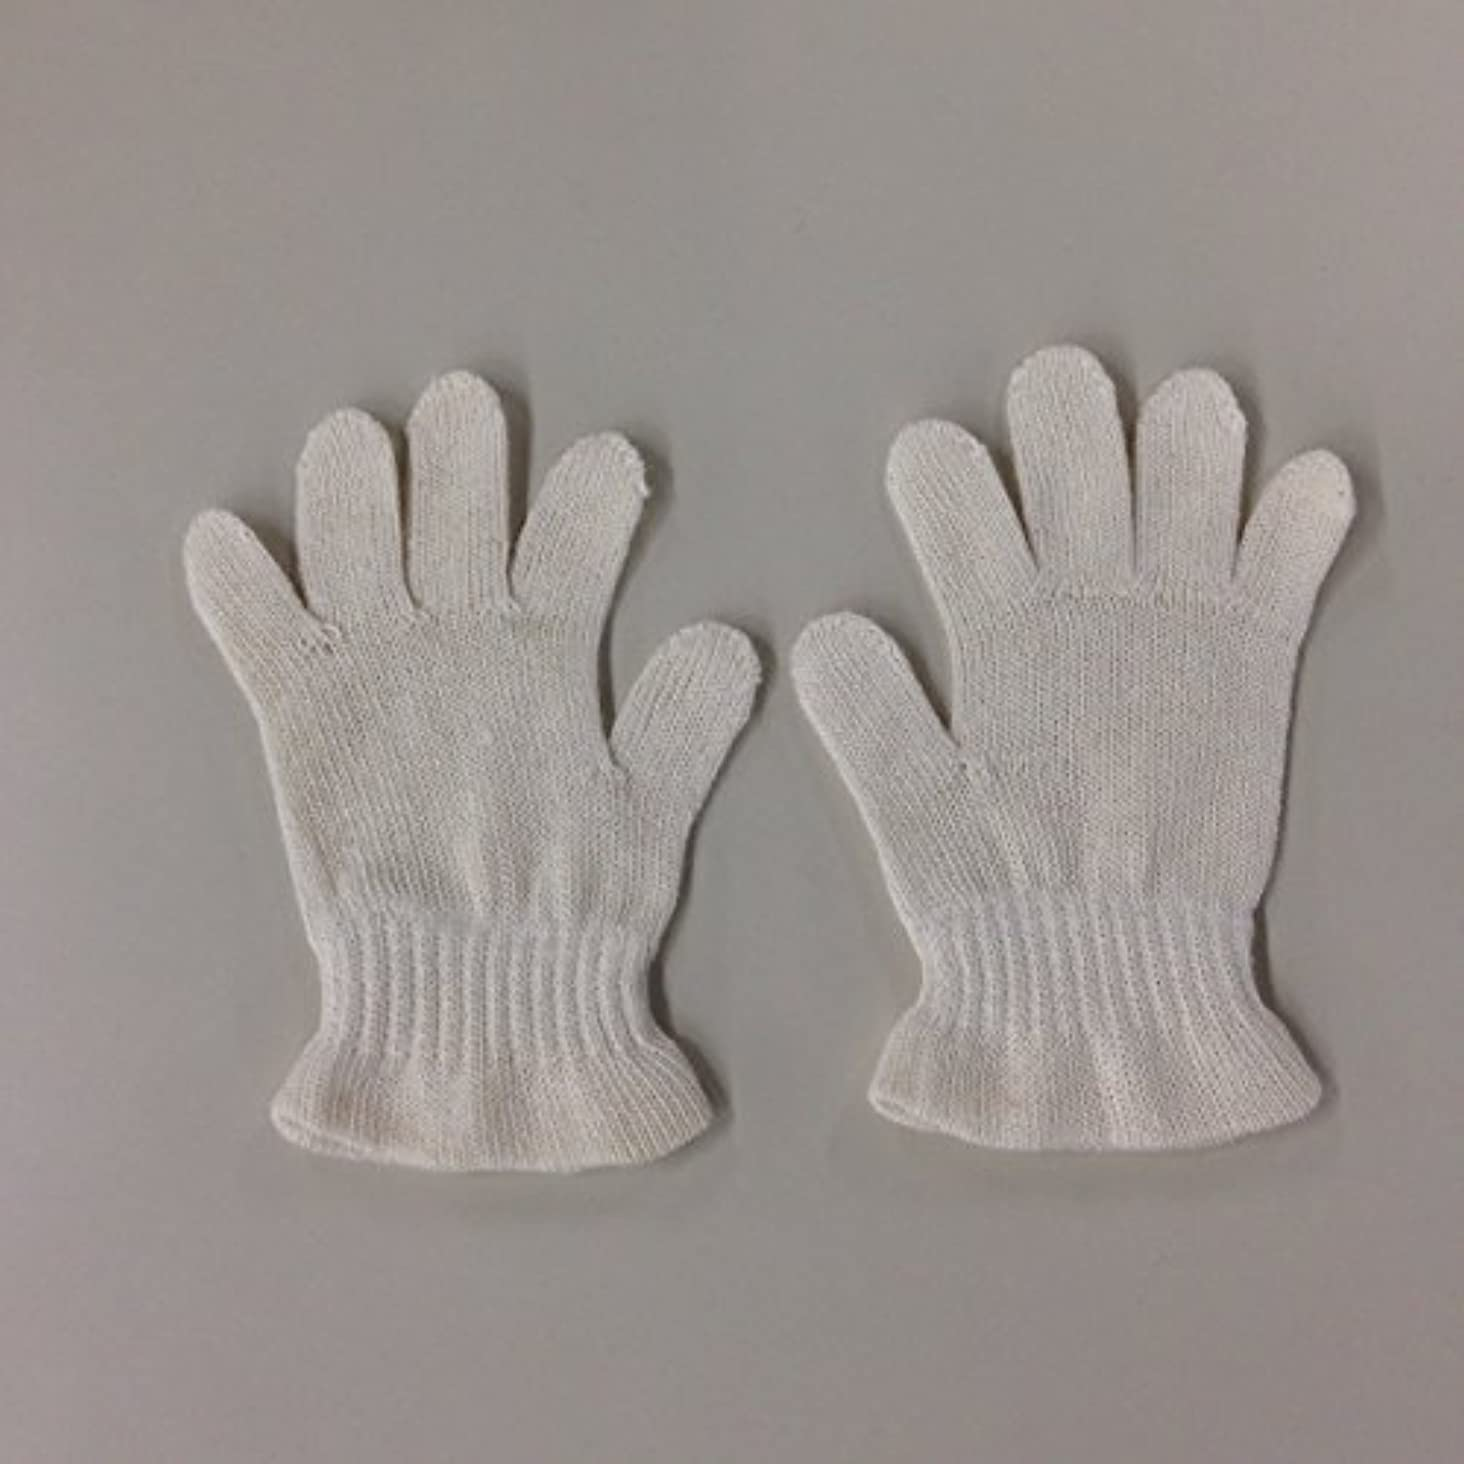 ライム羊の乱闘(ASAFUKU) 麻福 おやすみ 手袋 肌に優しい ヘンプ素材 乾燥対策 Bサイズ(幼児~園児用))